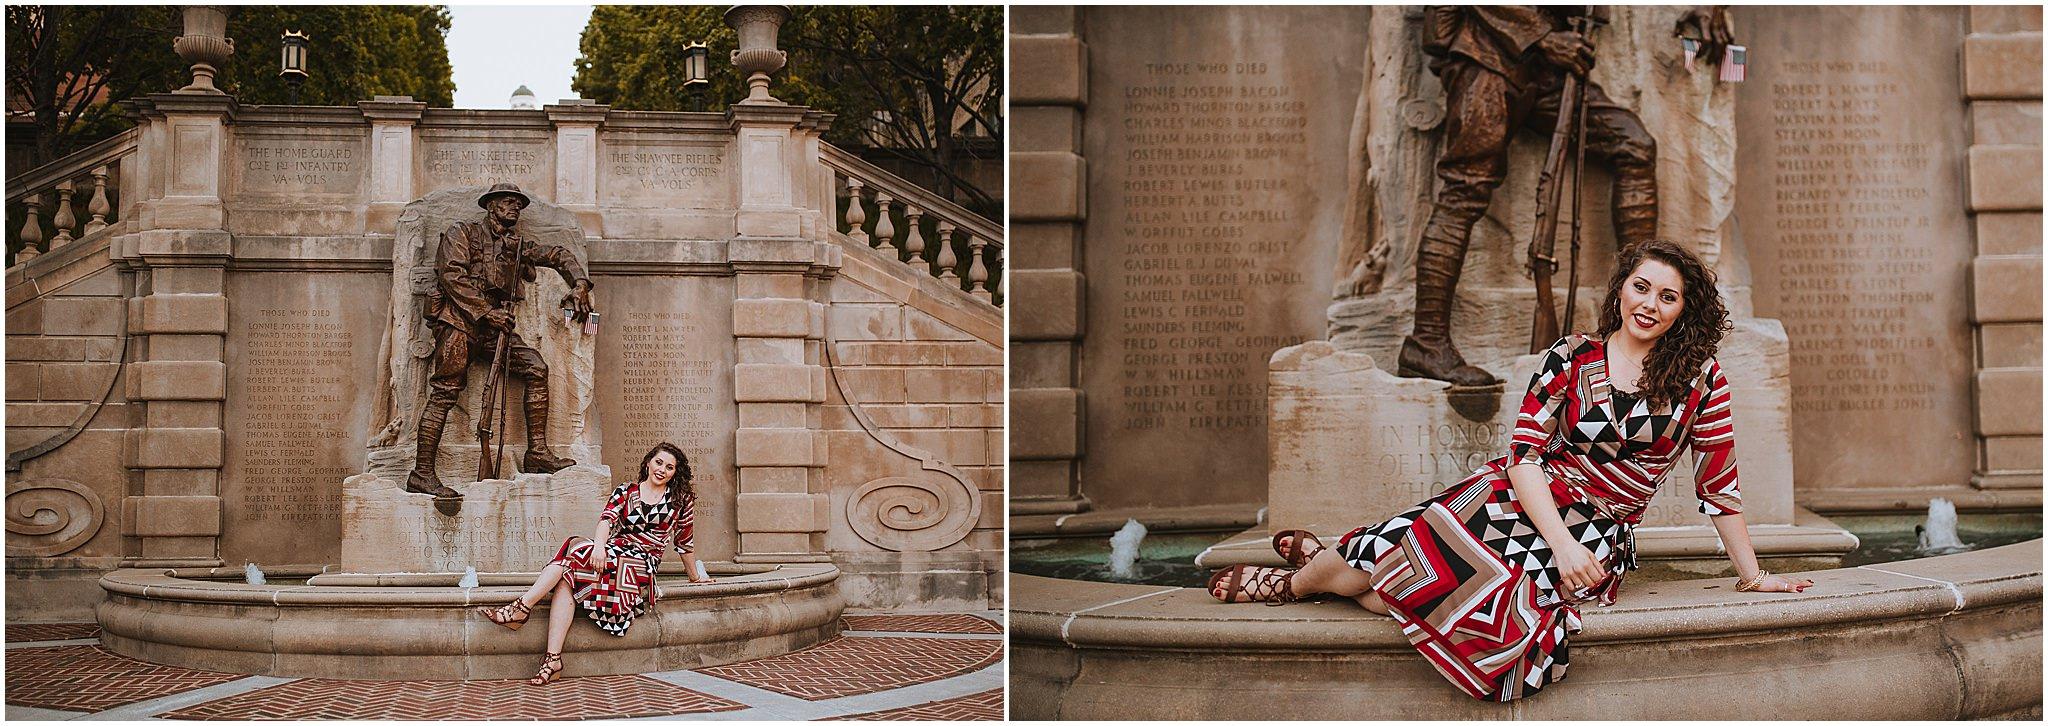 Sara's Senior Portrait Downtown Lynchburg, VA 122